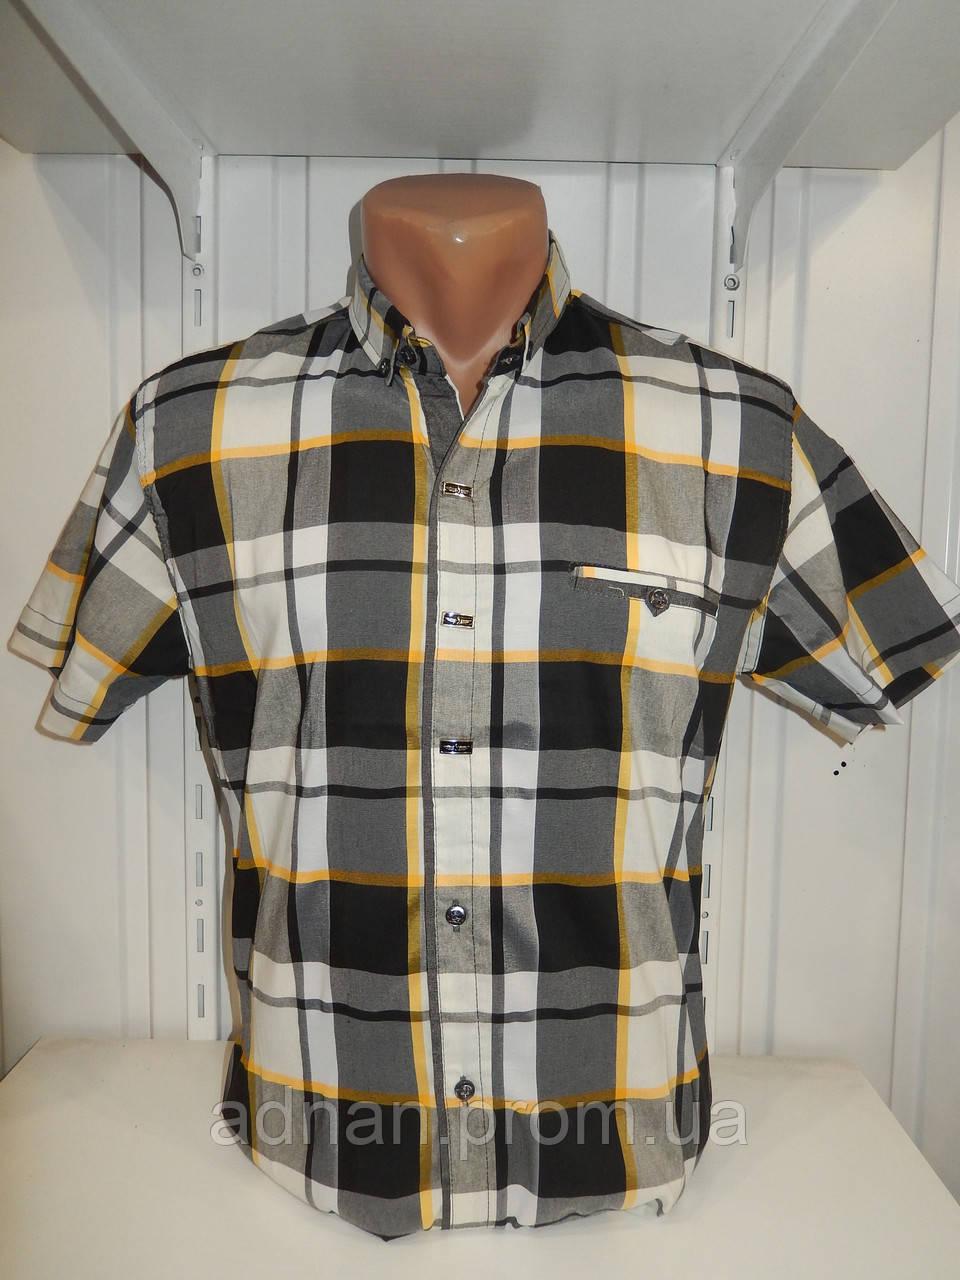 Рубашка мужская CORM короткий рукав, клетка, стрейч котон 003\ купить рубашку оптом.